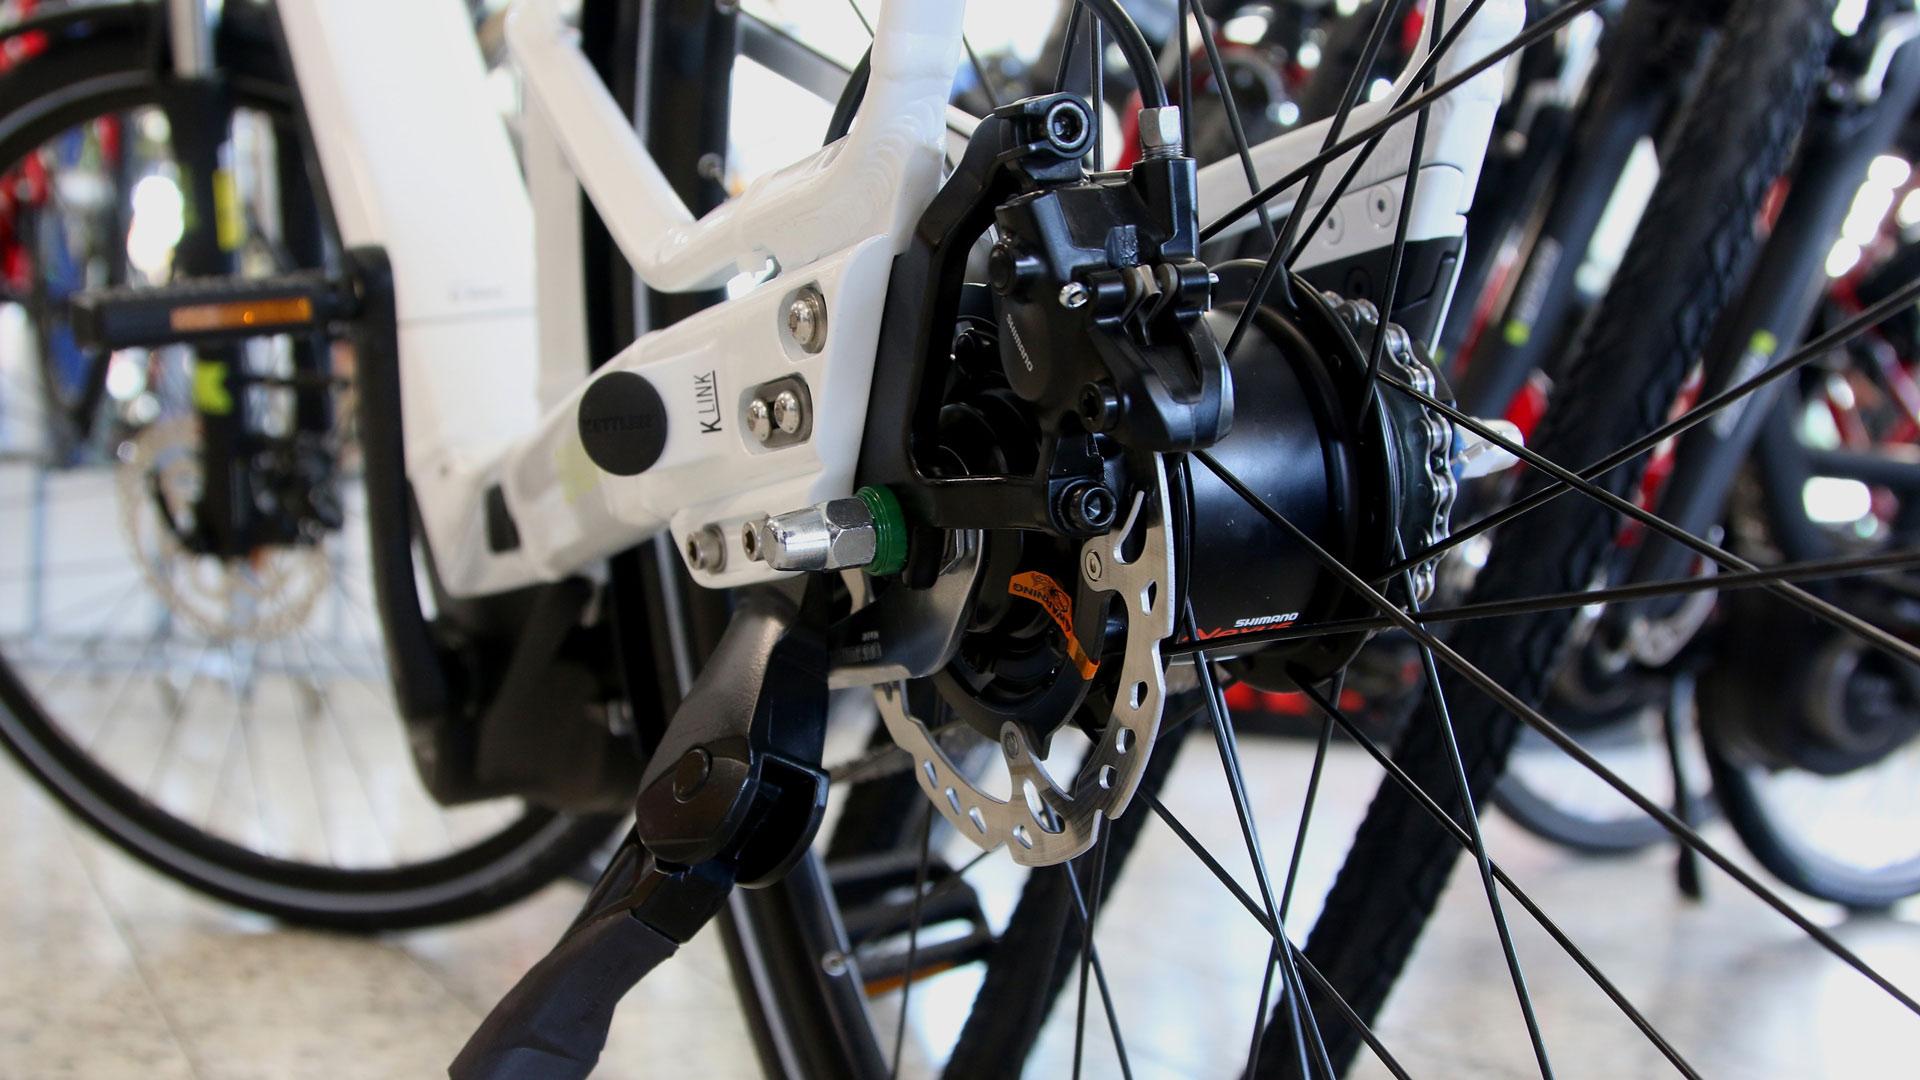 Detailbild eines Fahrrades